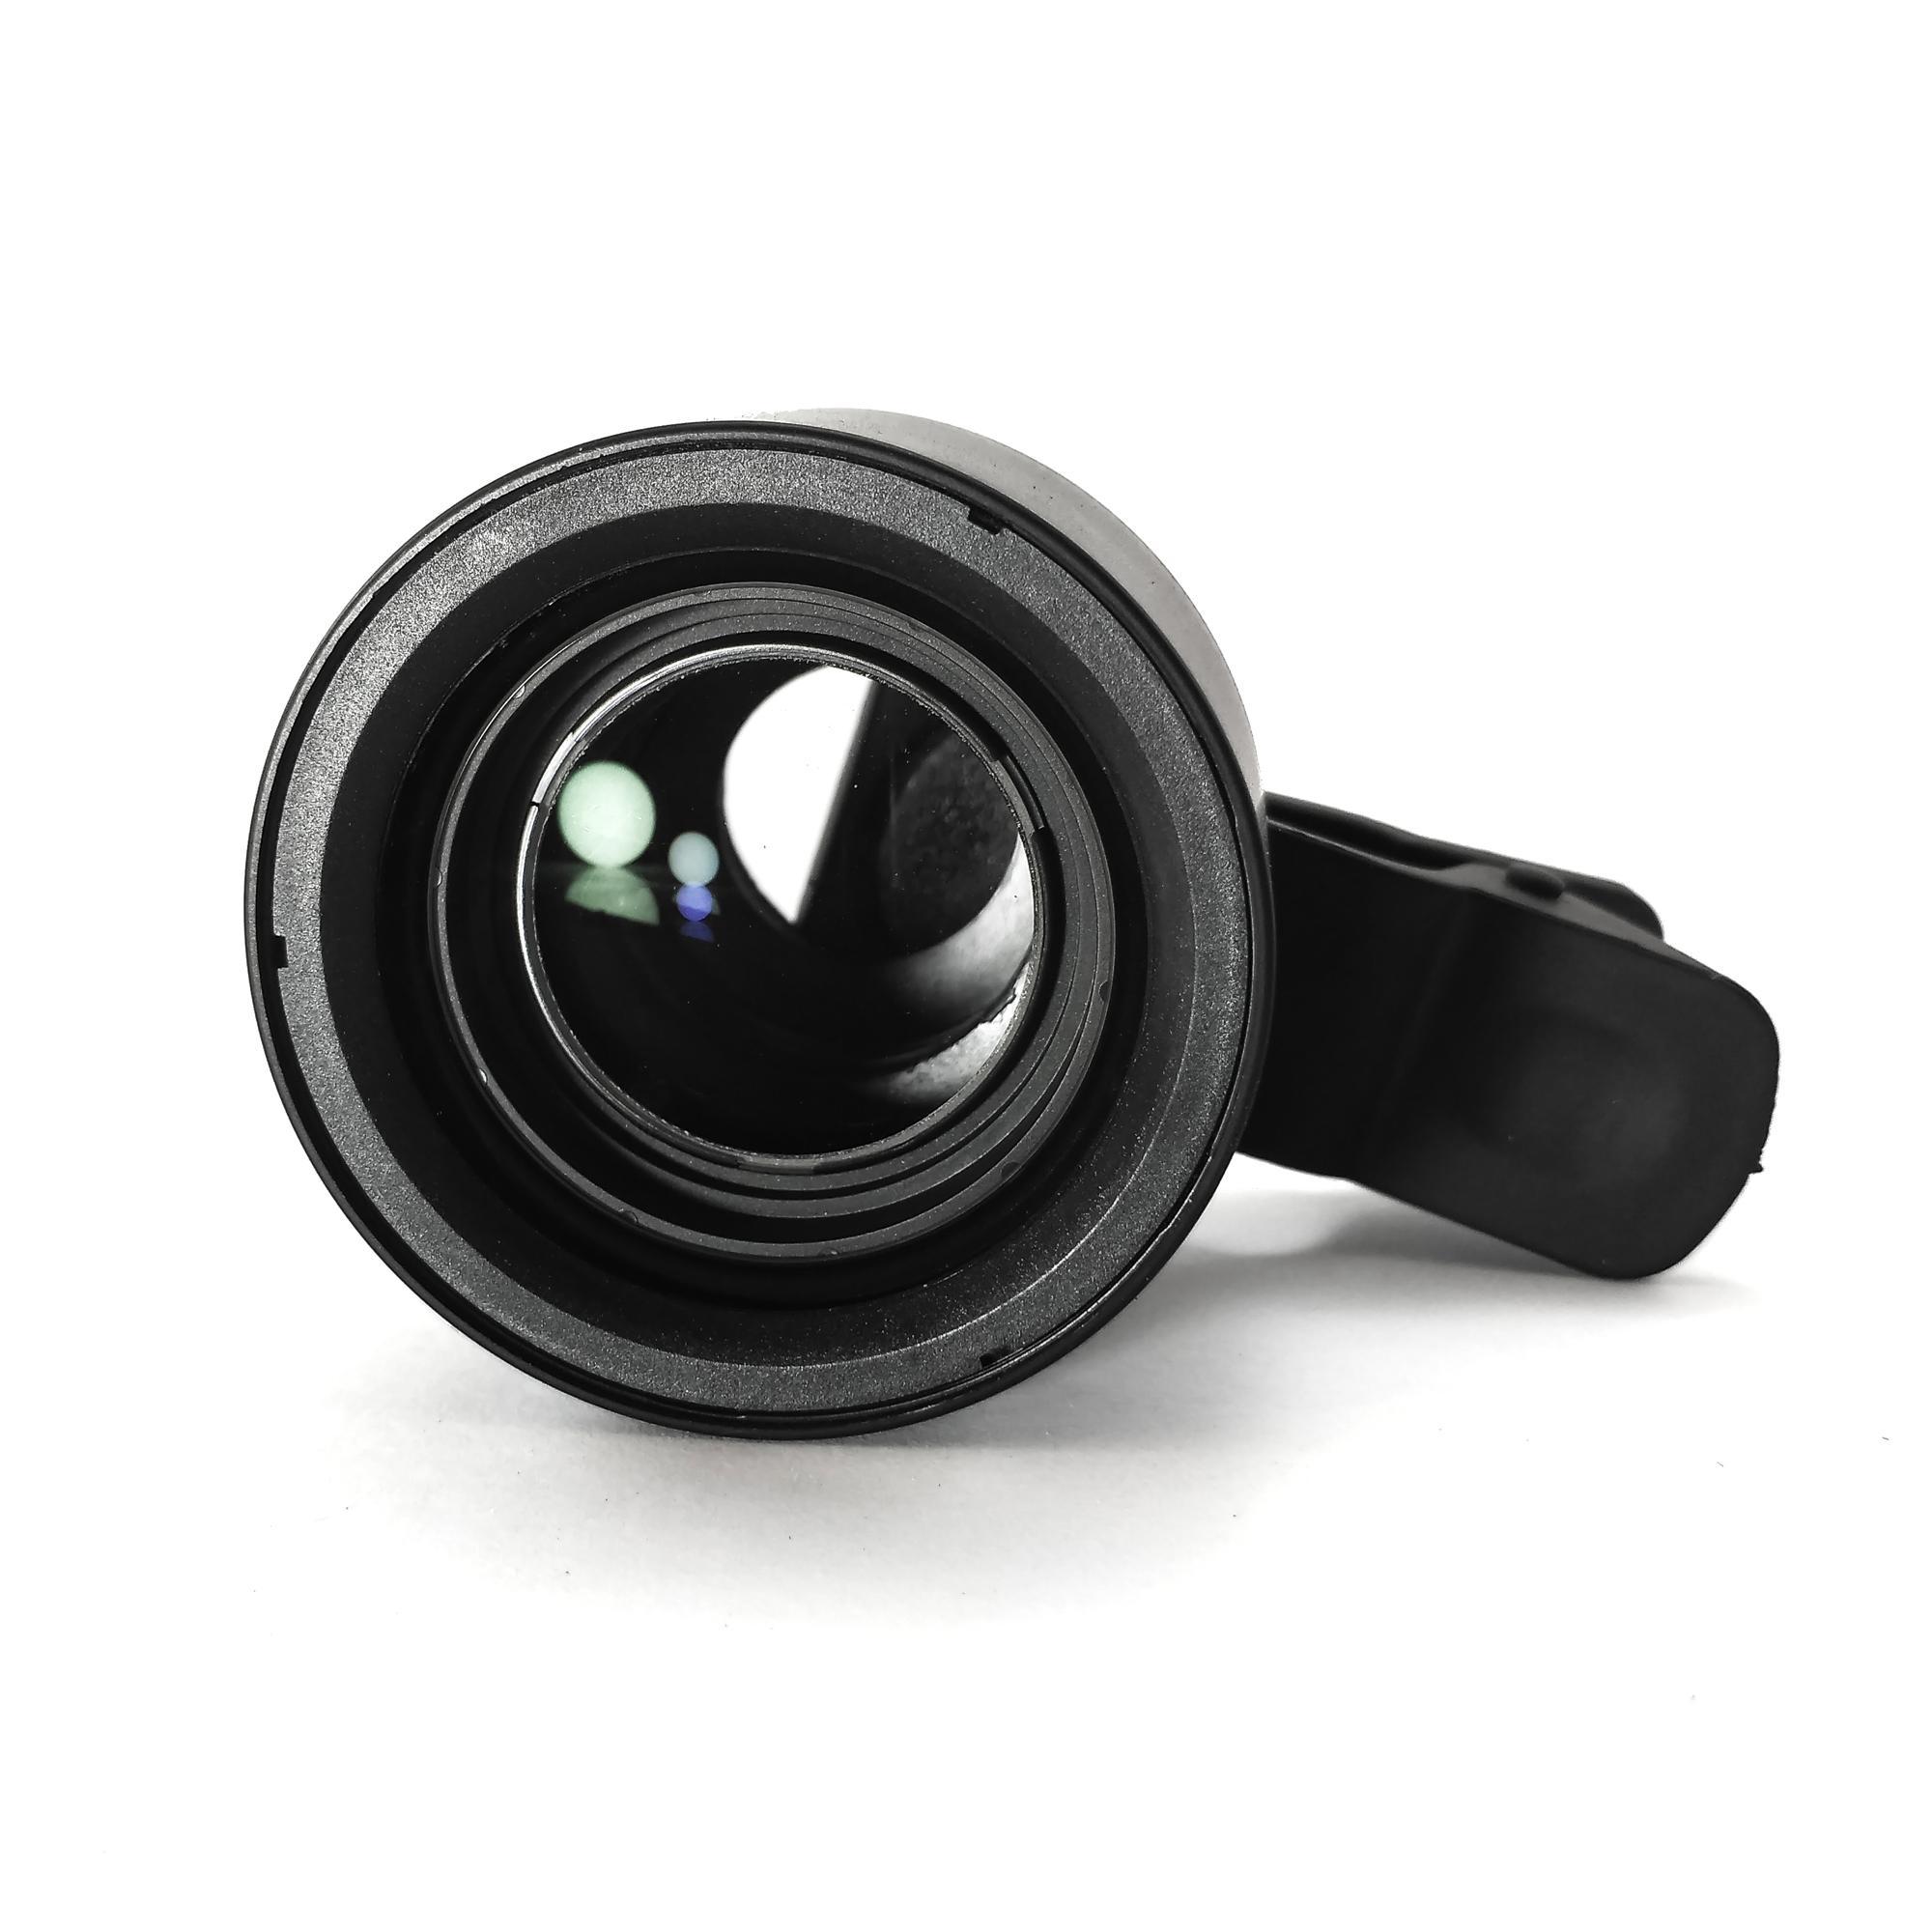 Nikon - Lensa Kamera Handphone Untuk Foto Macro Dengan Smartphone HP